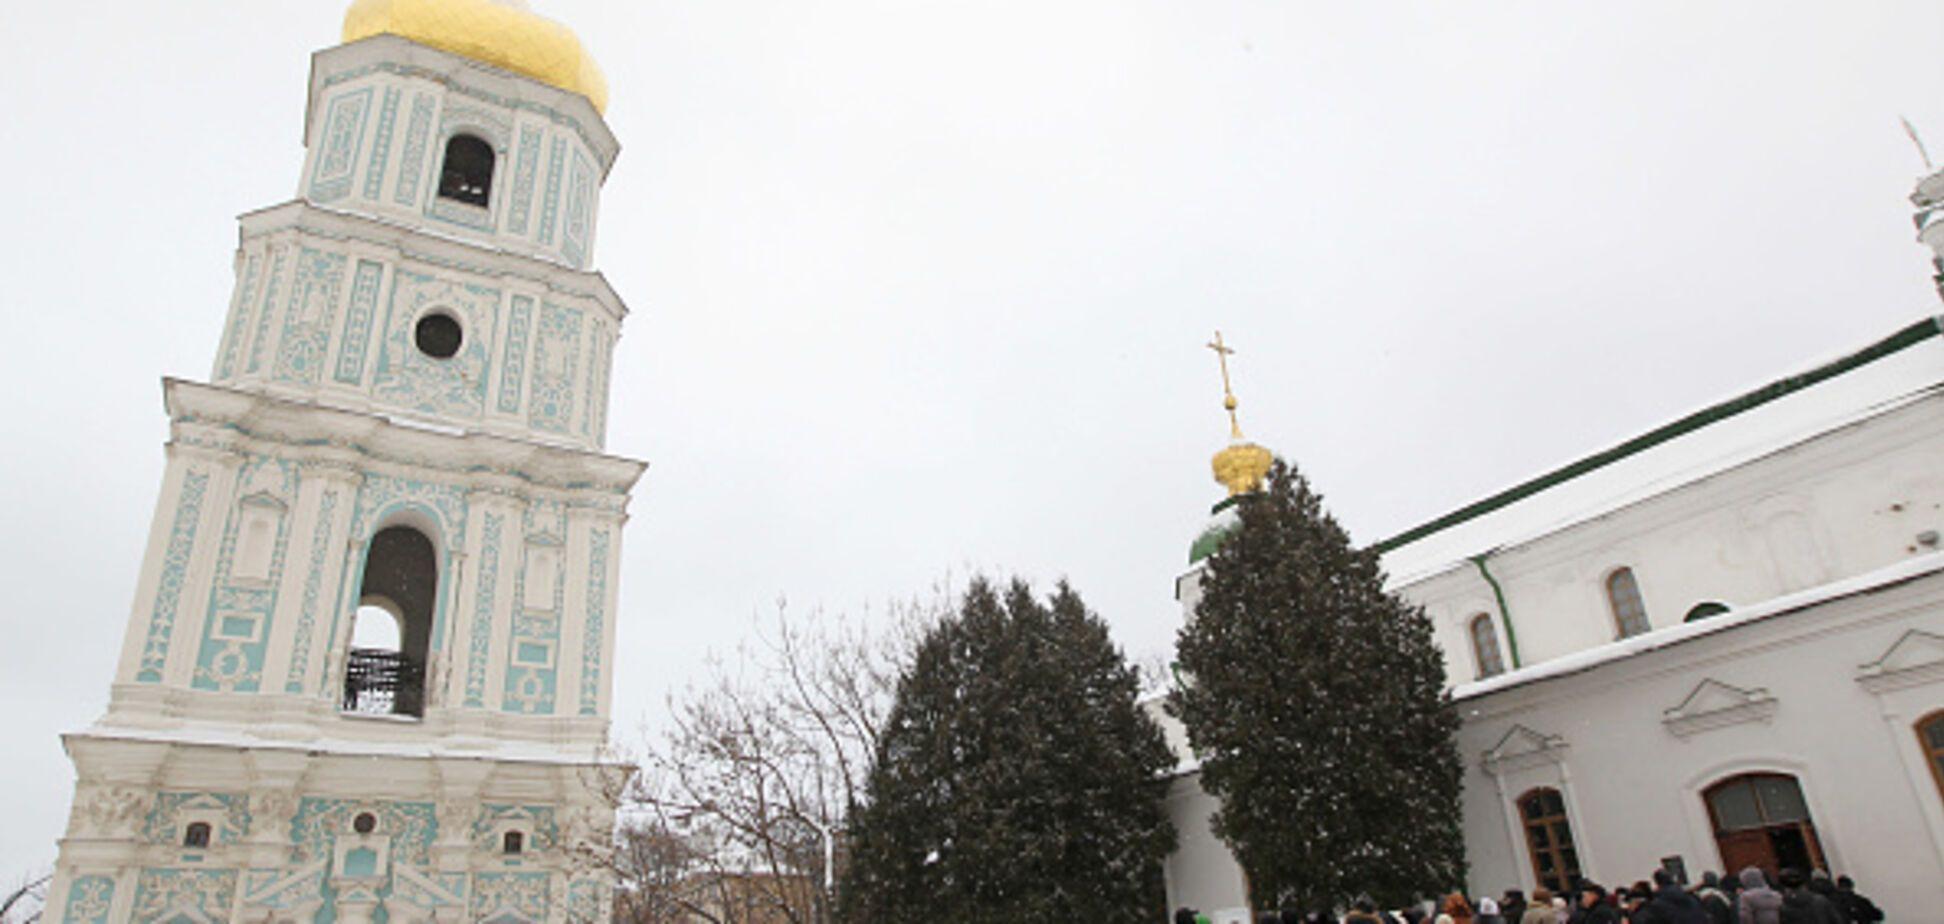 РПЦ чи ПЦУ: релігієзнавець запропонувала поділити церкви